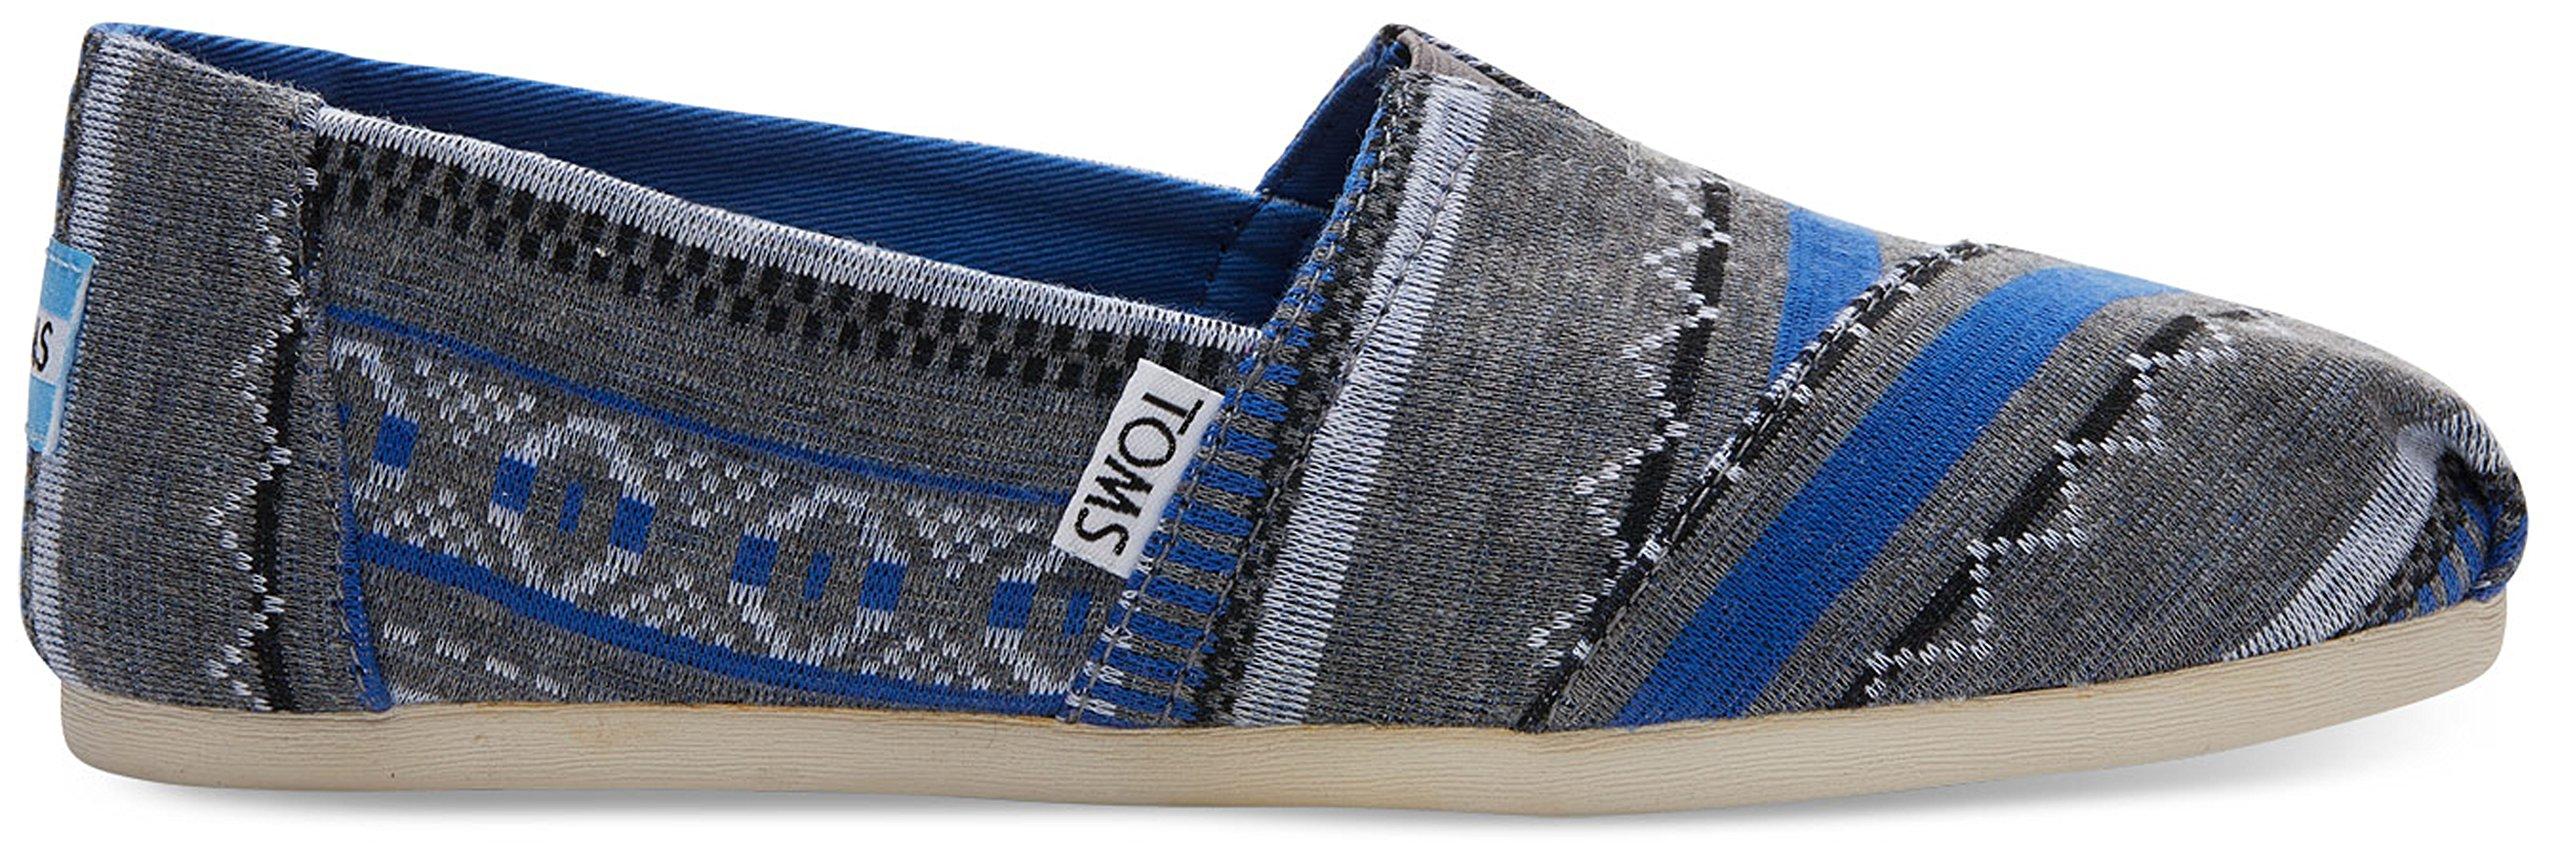 Toms Women's Alpargata Novelty Textile Espadrille, Size: 6.5 B(M) US, Color: Nauticle Blue Tribal Jrsy